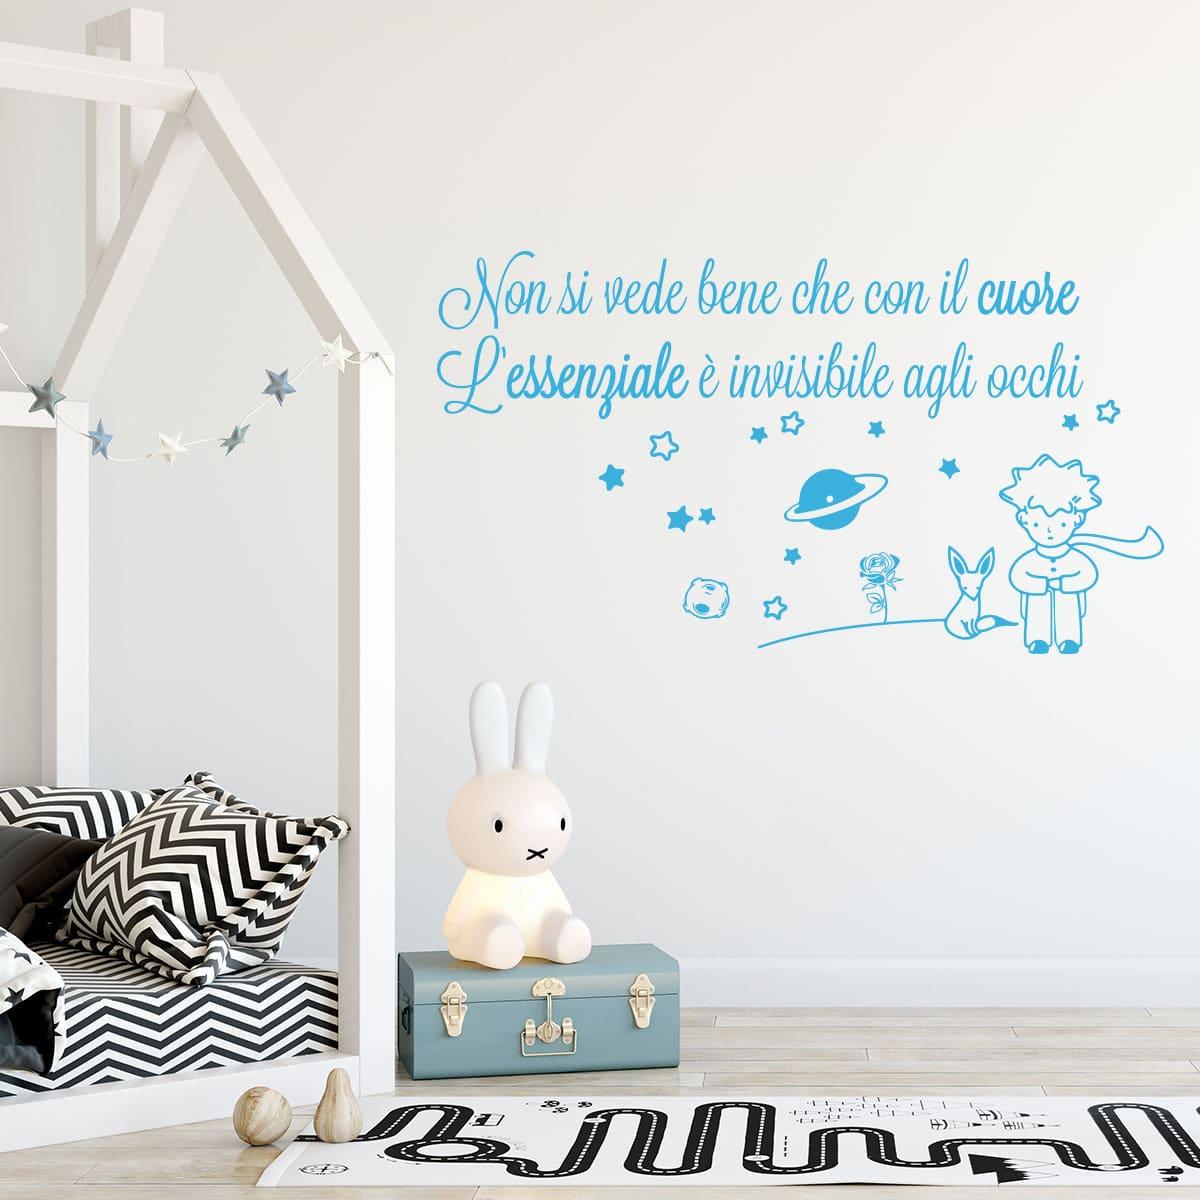 piccolo-principe-adesivo-parete-bambini